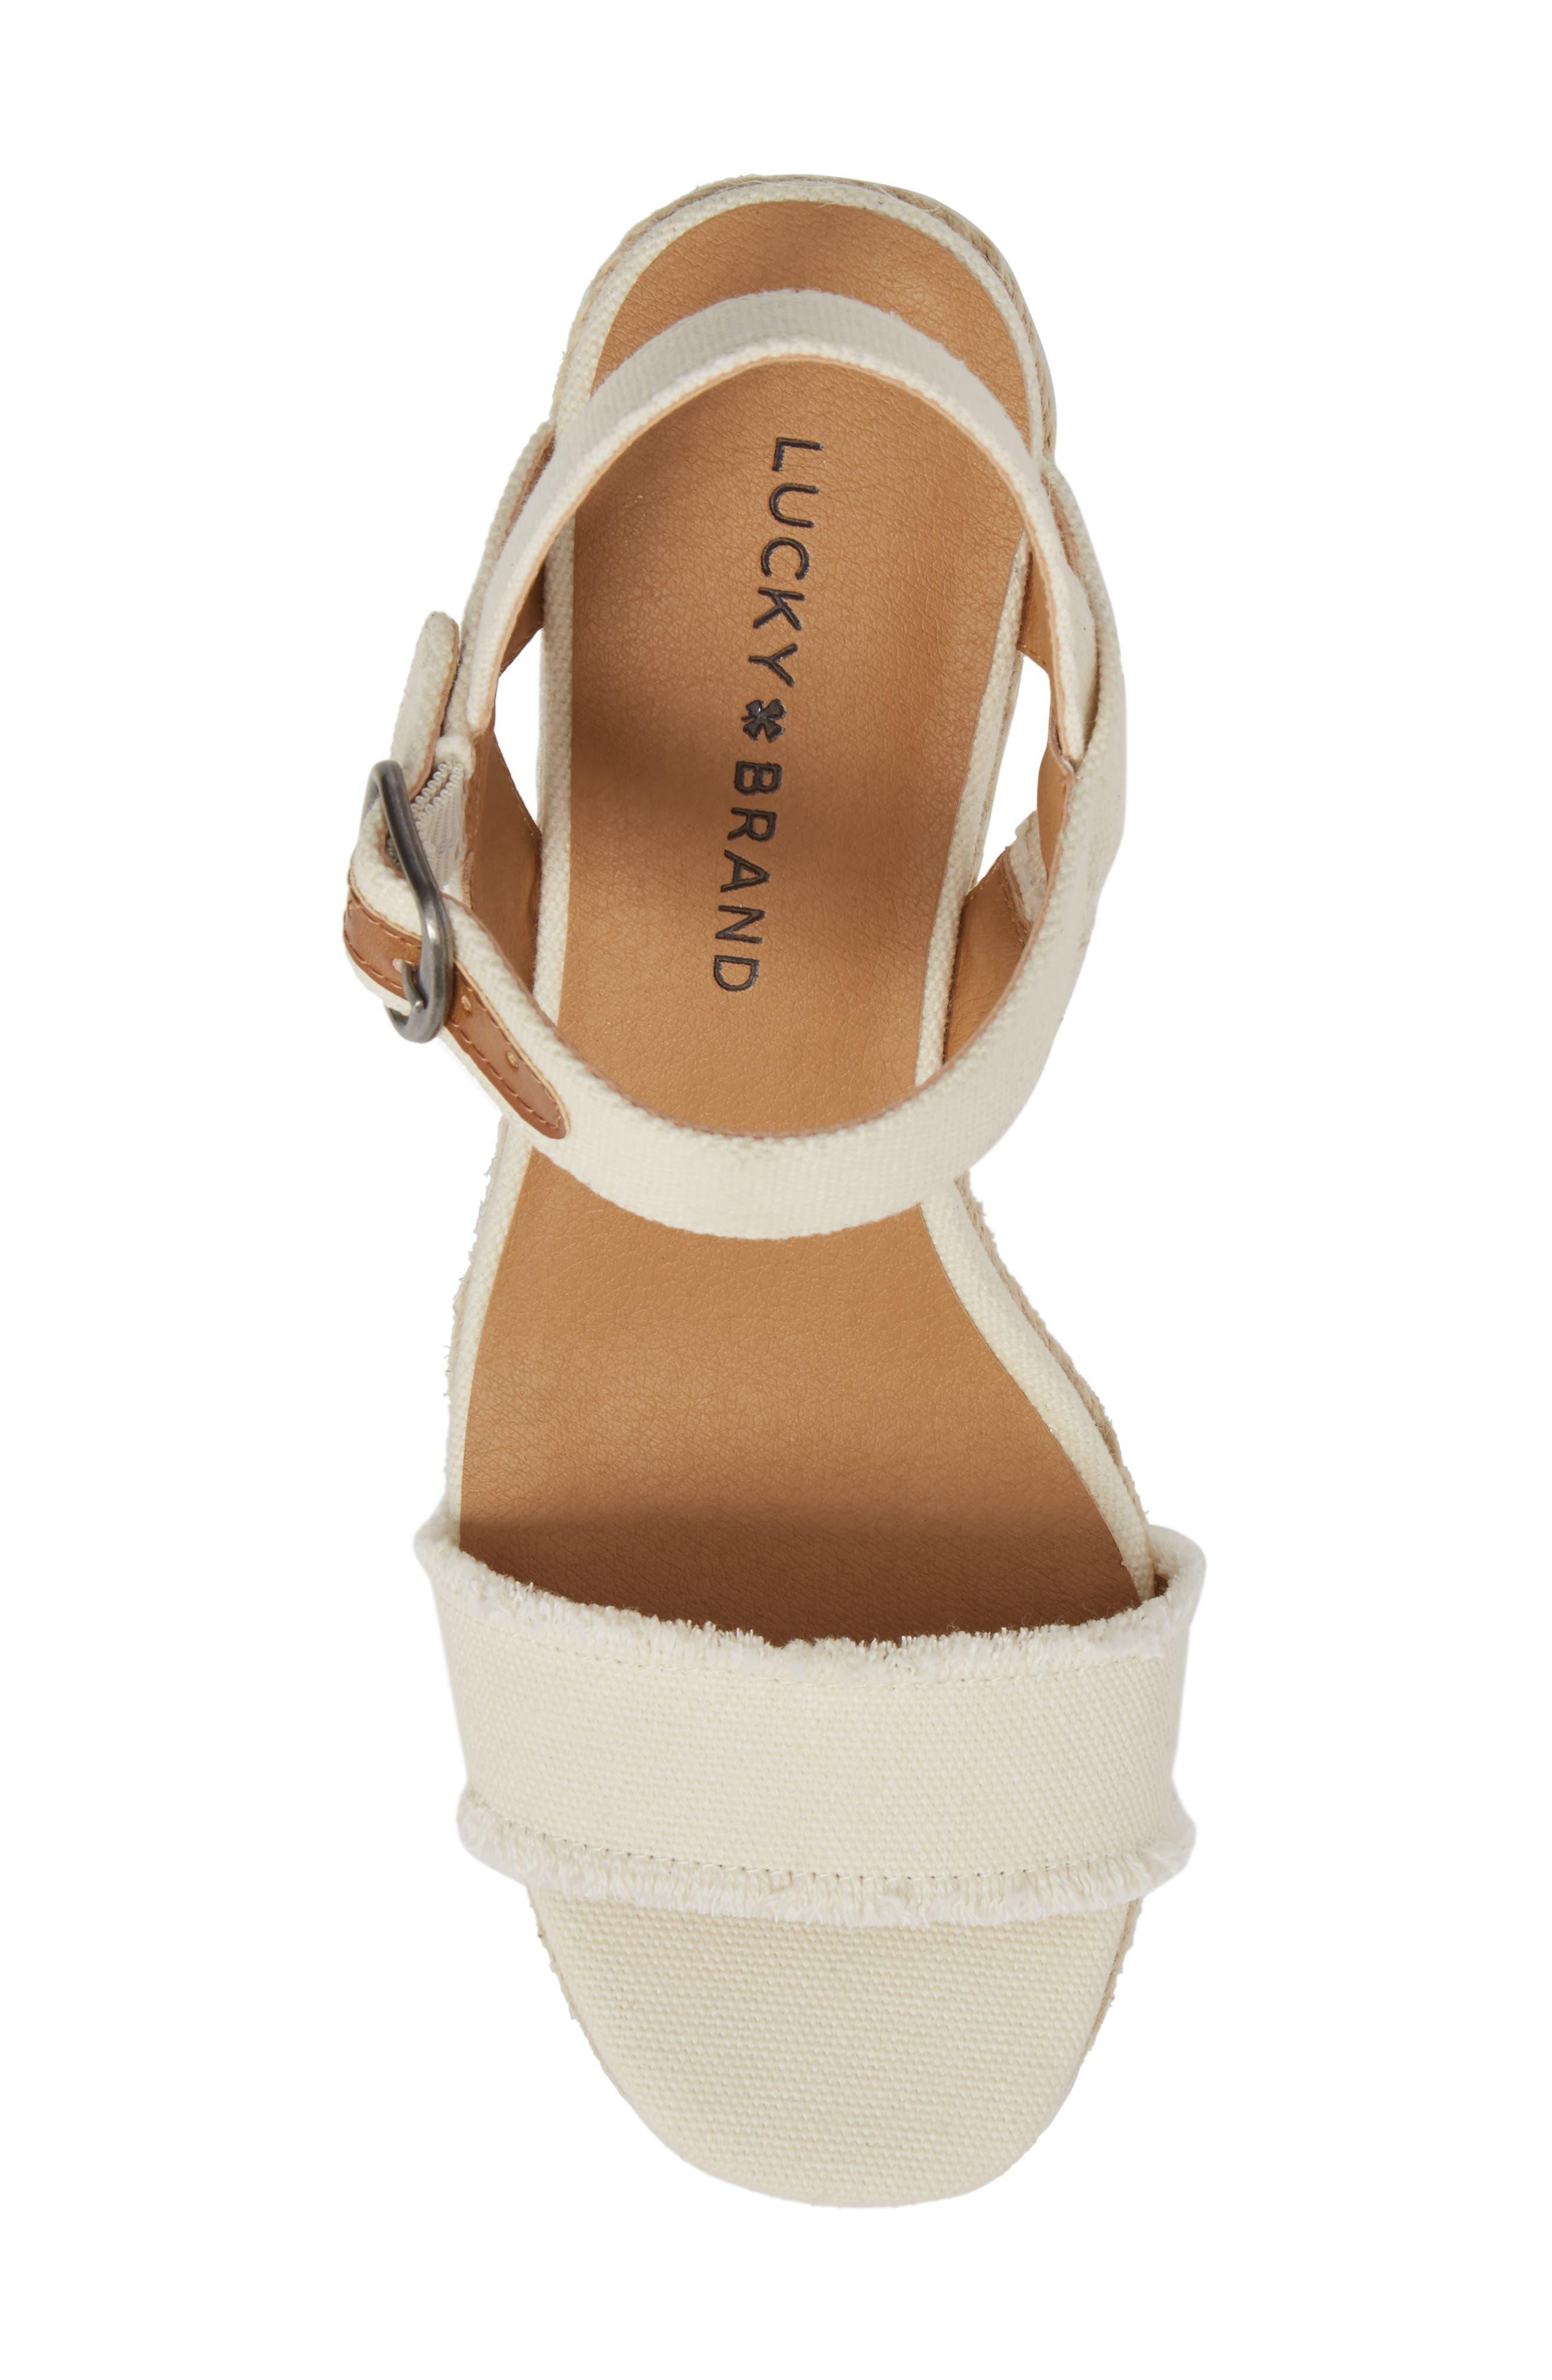 Marceline Squared Toe Wedge Sandal,                             Alternate thumbnail 30, color,